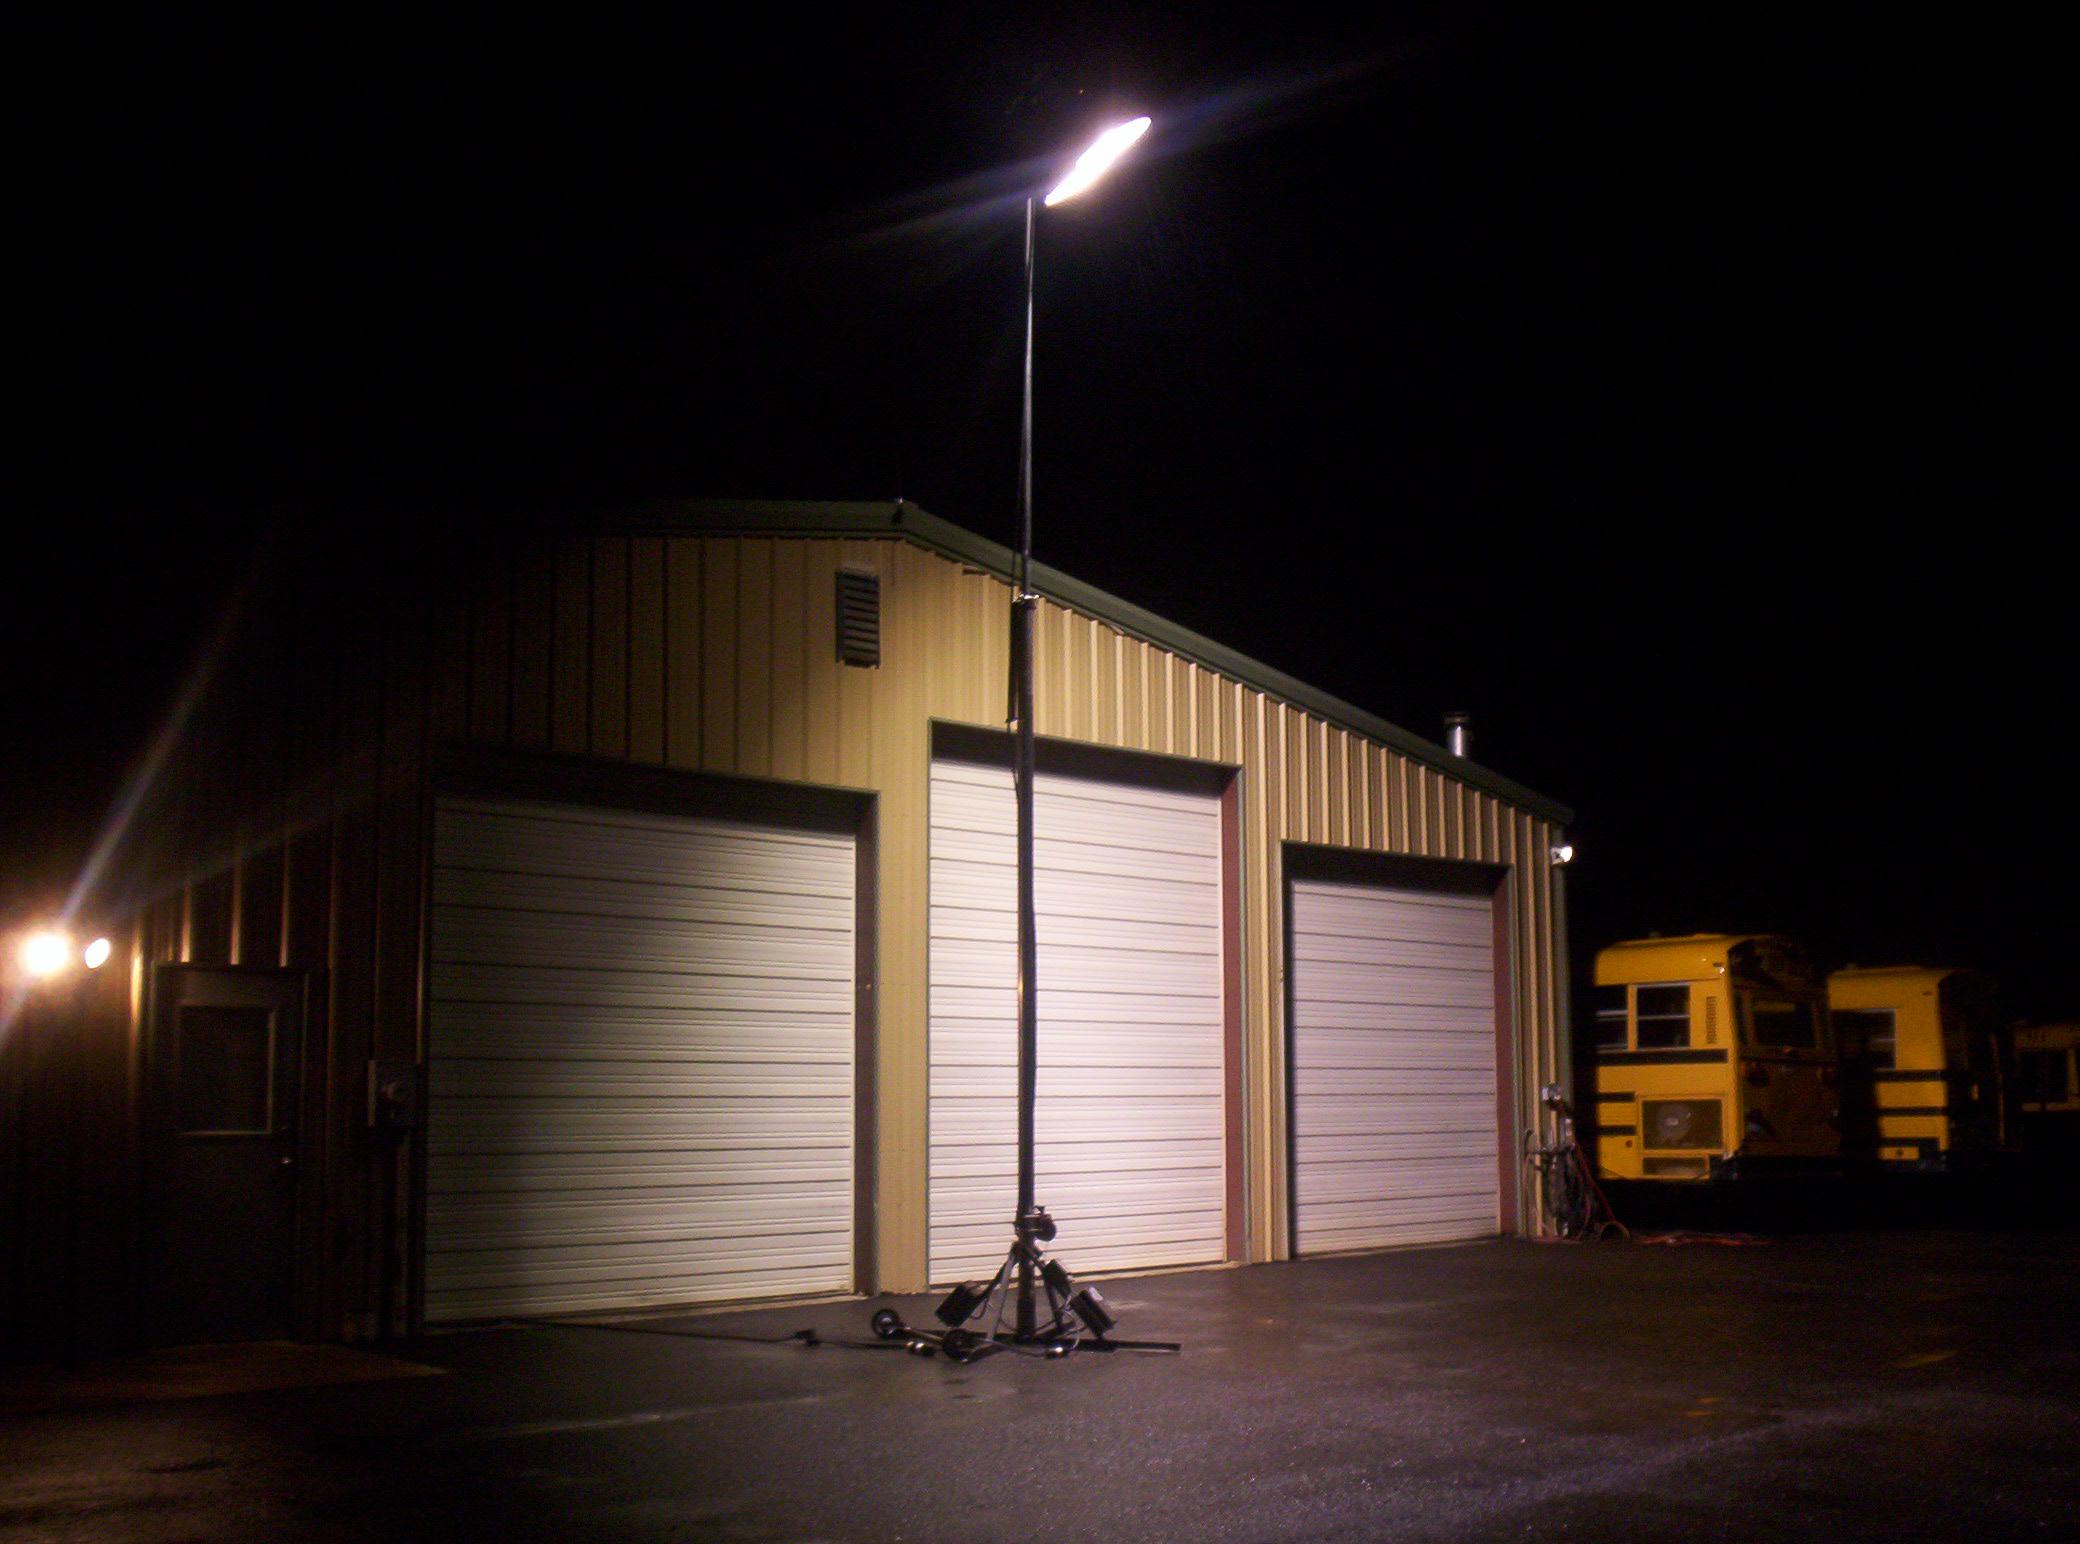 Evergreen light towers & Evergreen Resource u0026 Big Sky Busing Event Equipment Rentals ... azcodes.com